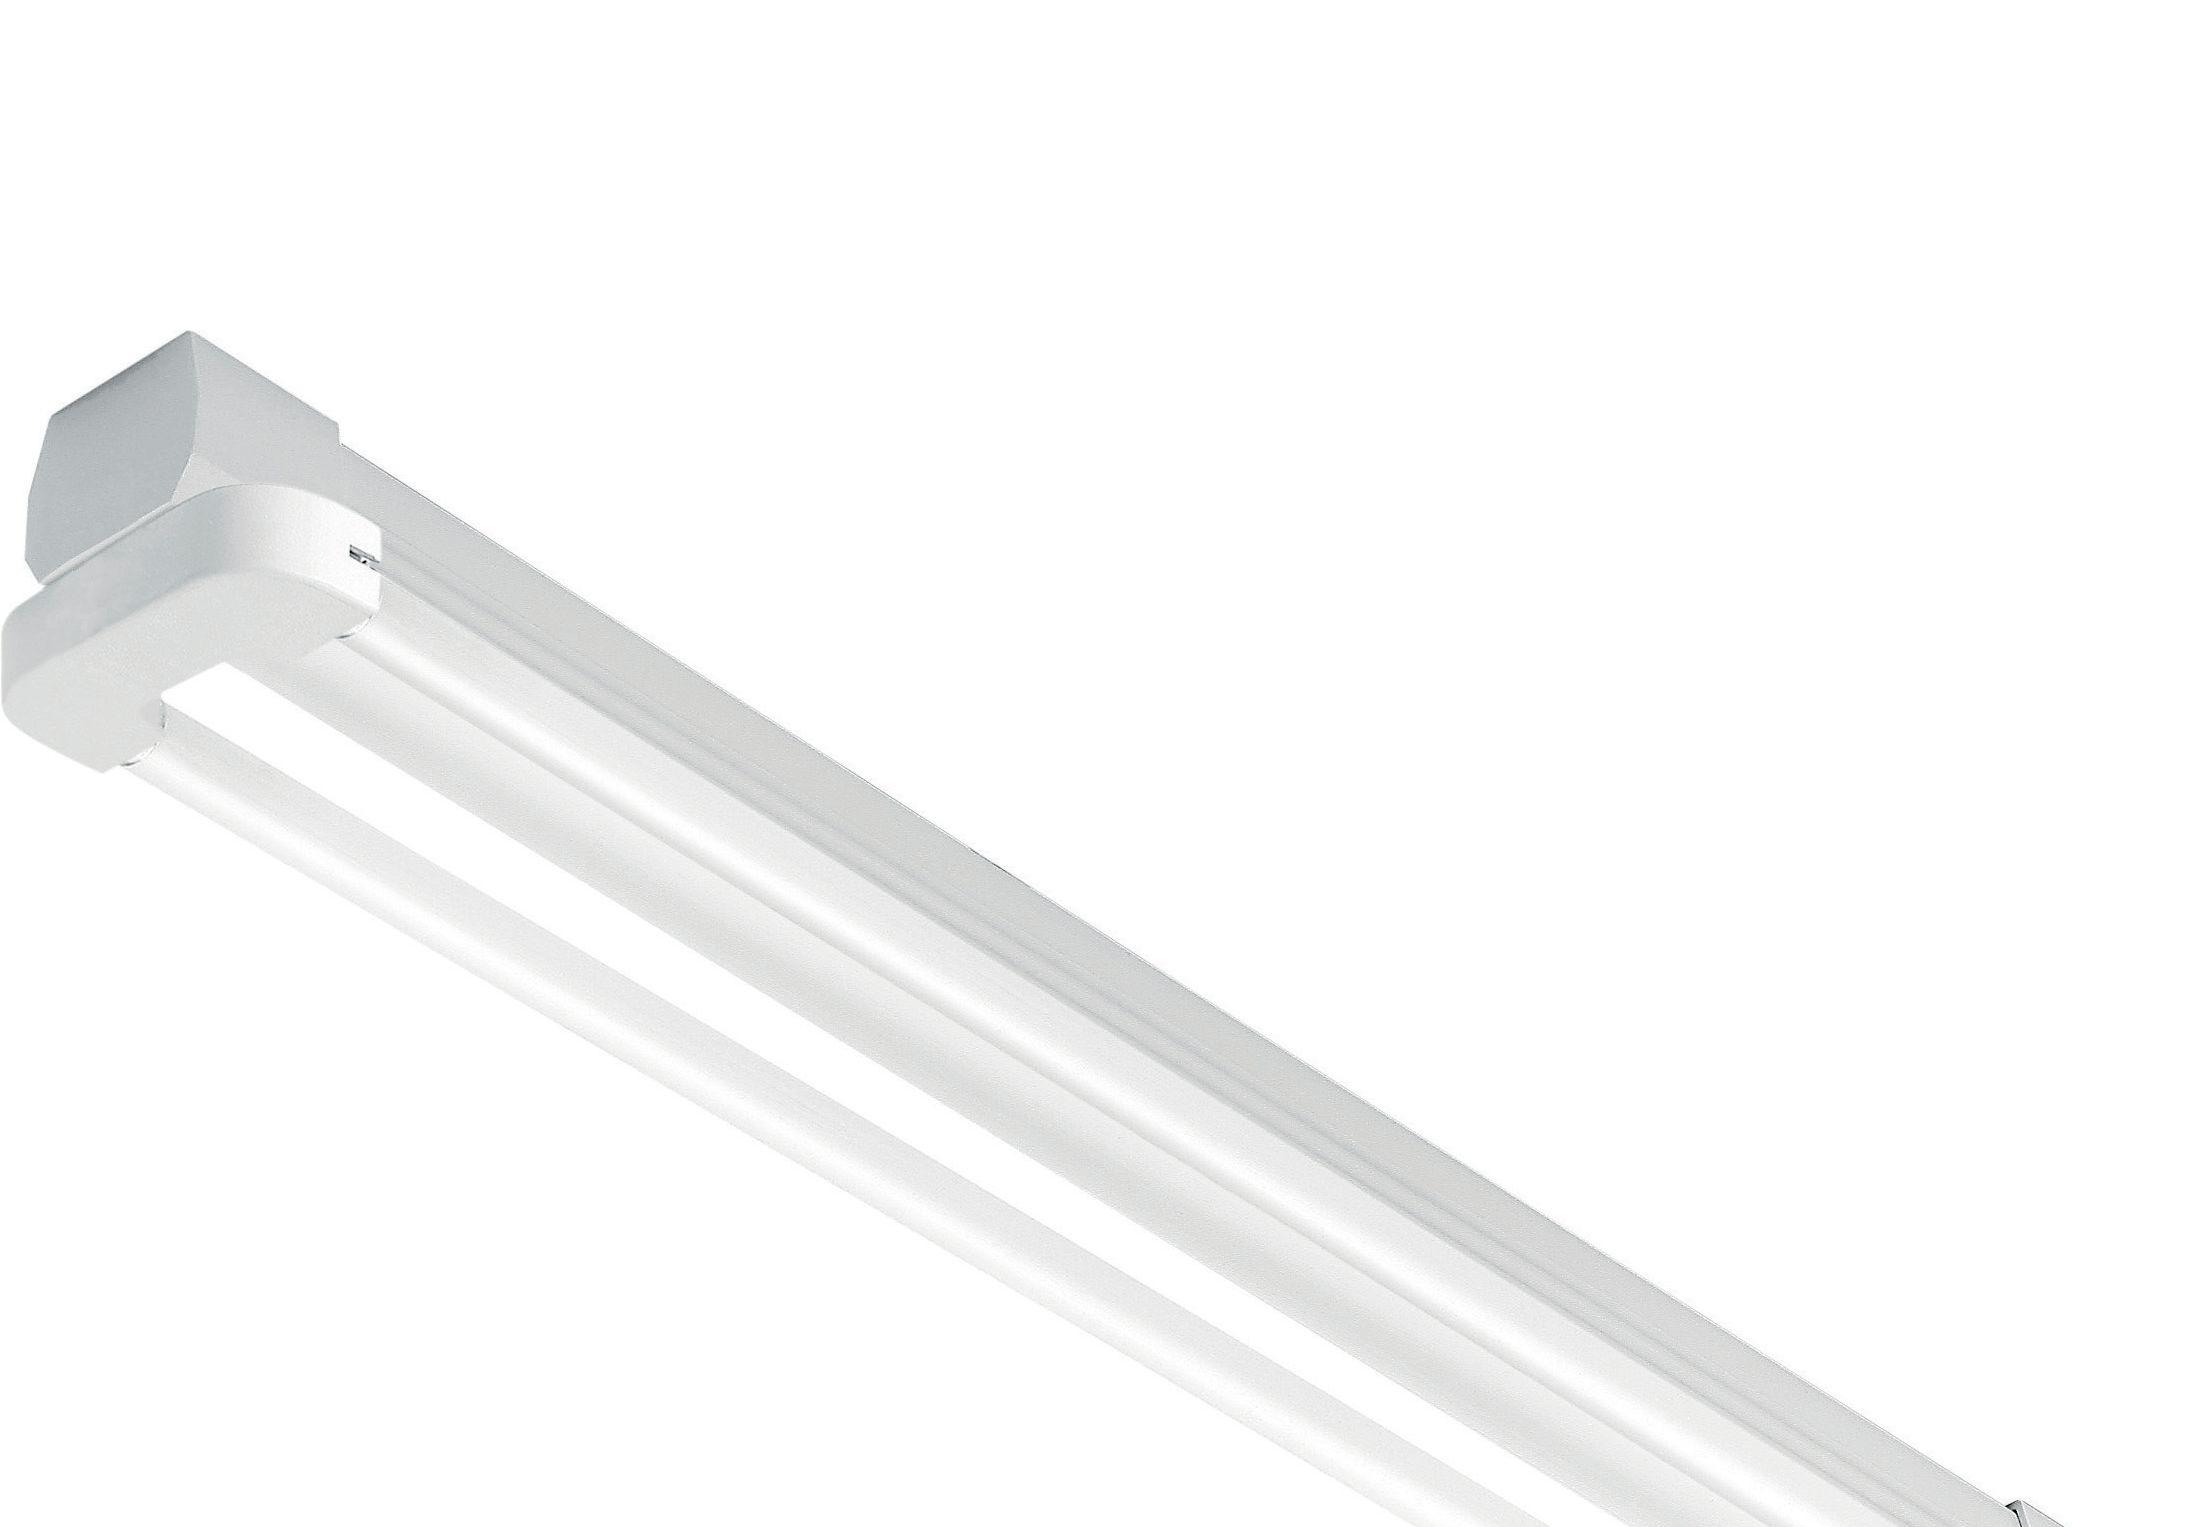 Solo 2 T5 2x54W EVG, weiß, Einzellichtleiste